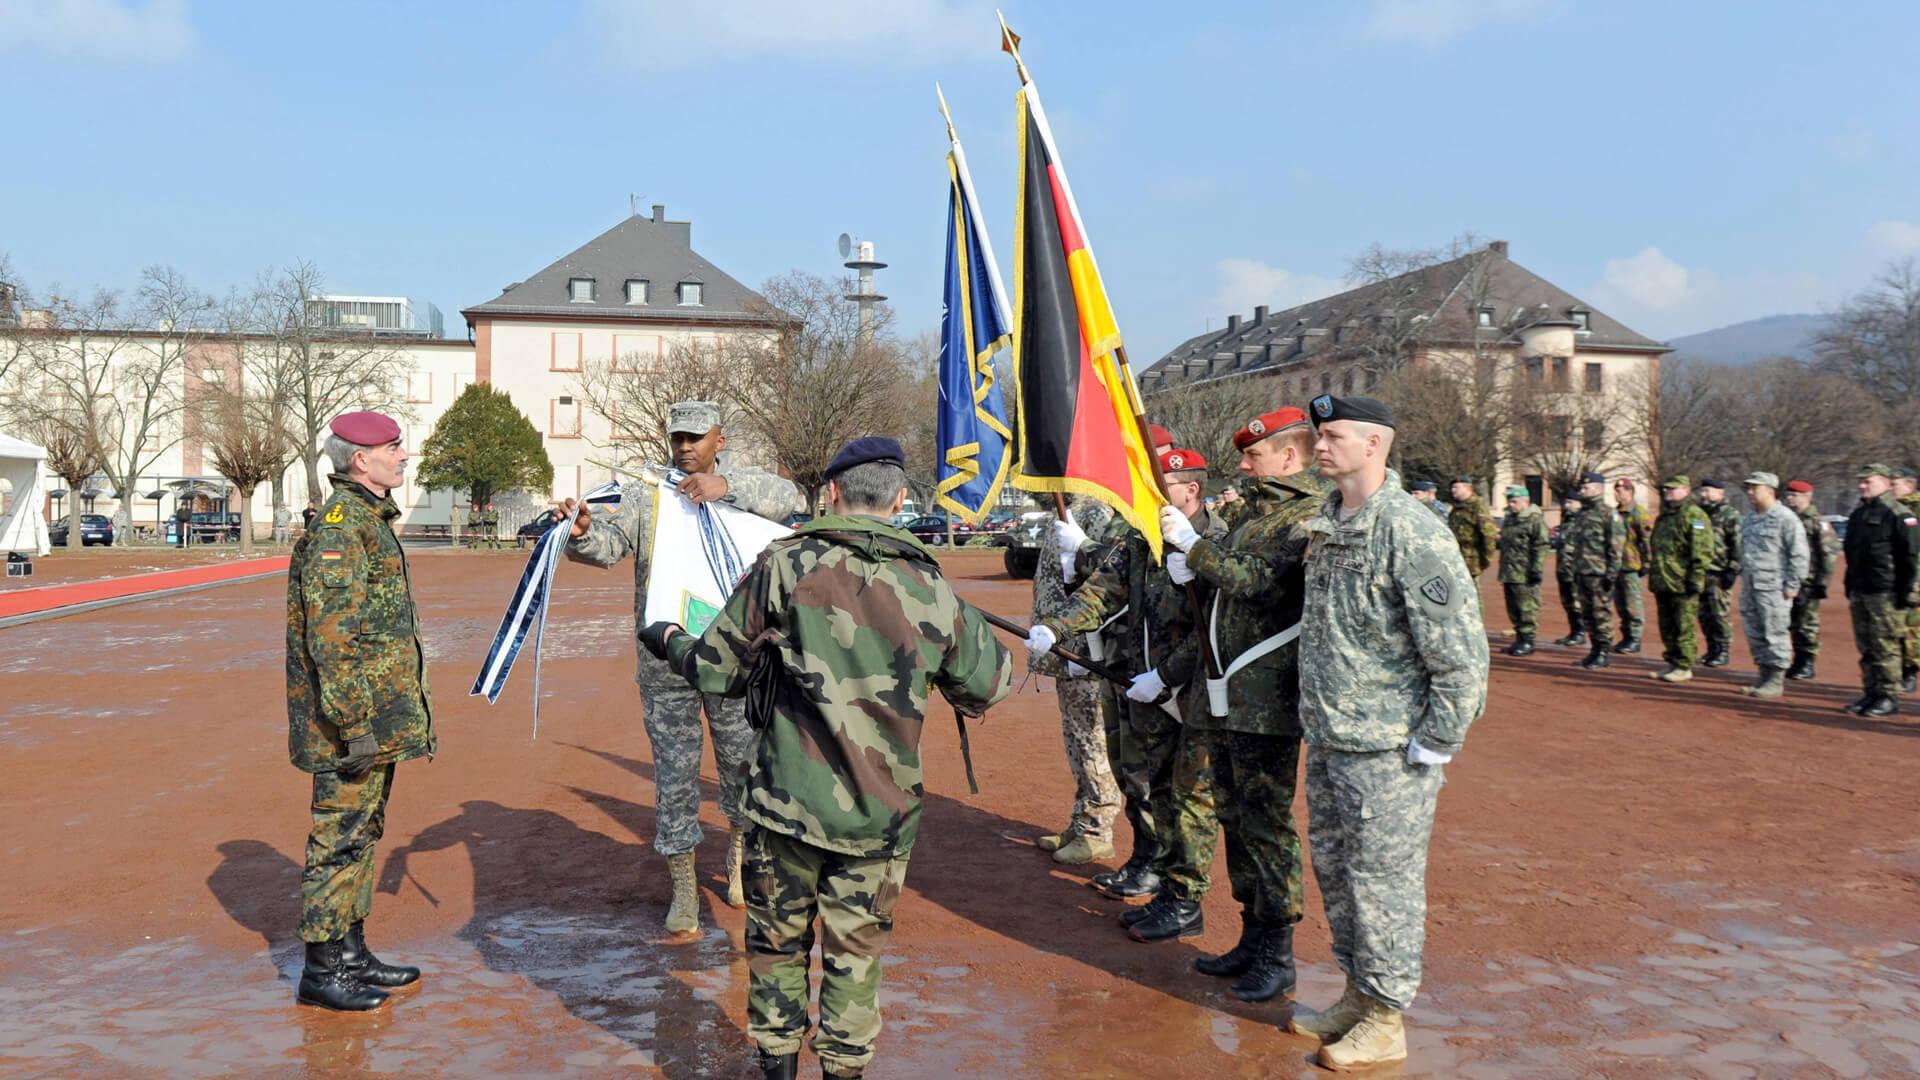 """Am 4. März 2013 wird das Hauptquartier der """"Allied Force Command Heidelberg"""" mit einem Appell und dem Einholen der Flagge in den Campbell Barracks aufgelöst. Am 6. September 2013 wird Patrick-Henry-Village als Wohnsiedlung des US-Militärs offiziell geschlossen. © Imago"""